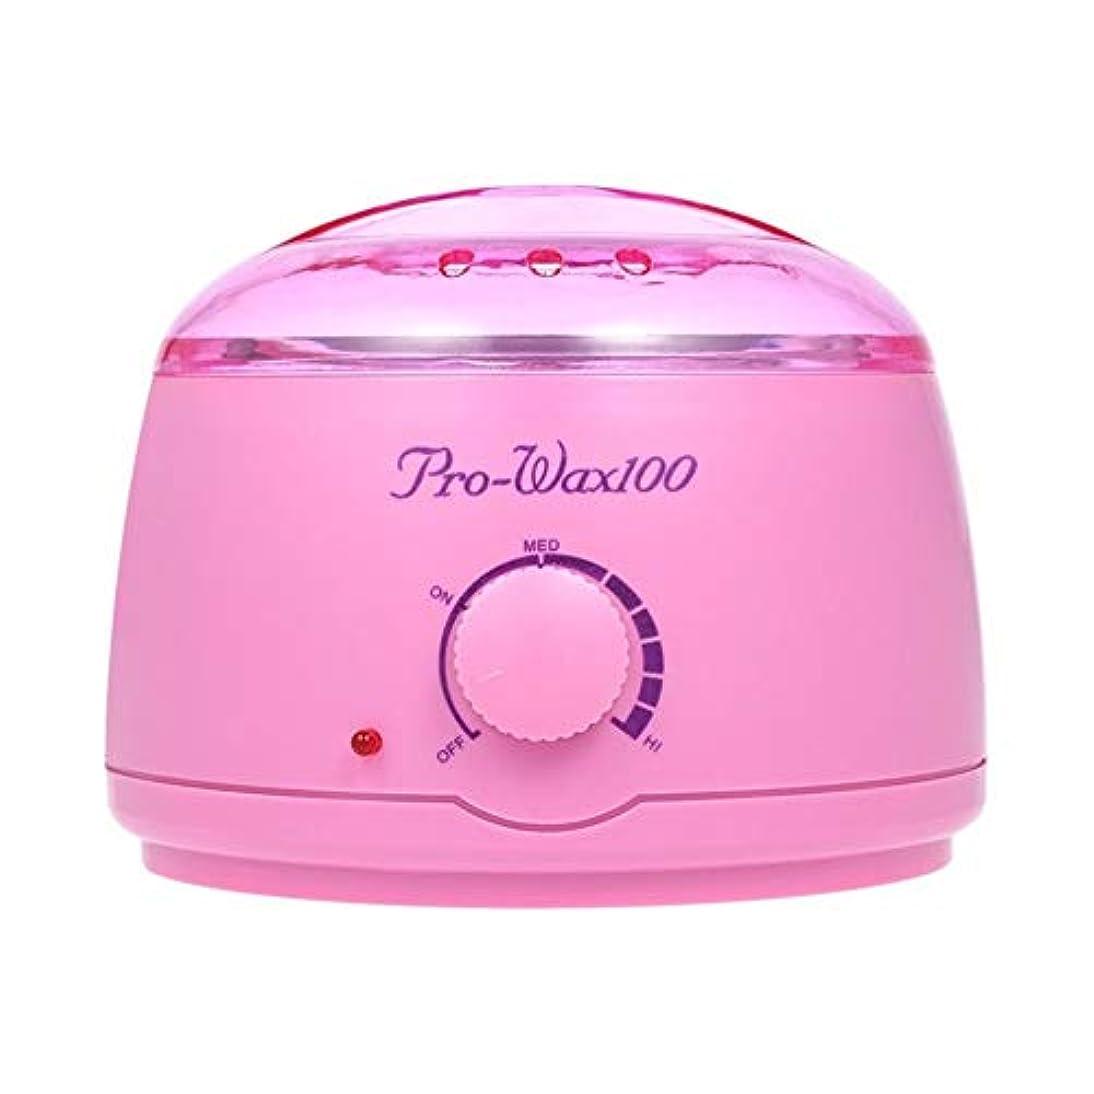 局電気の散歩脱毛、インテリジェントな温度制御のためのワックスヒータープロワックス100,ピンク